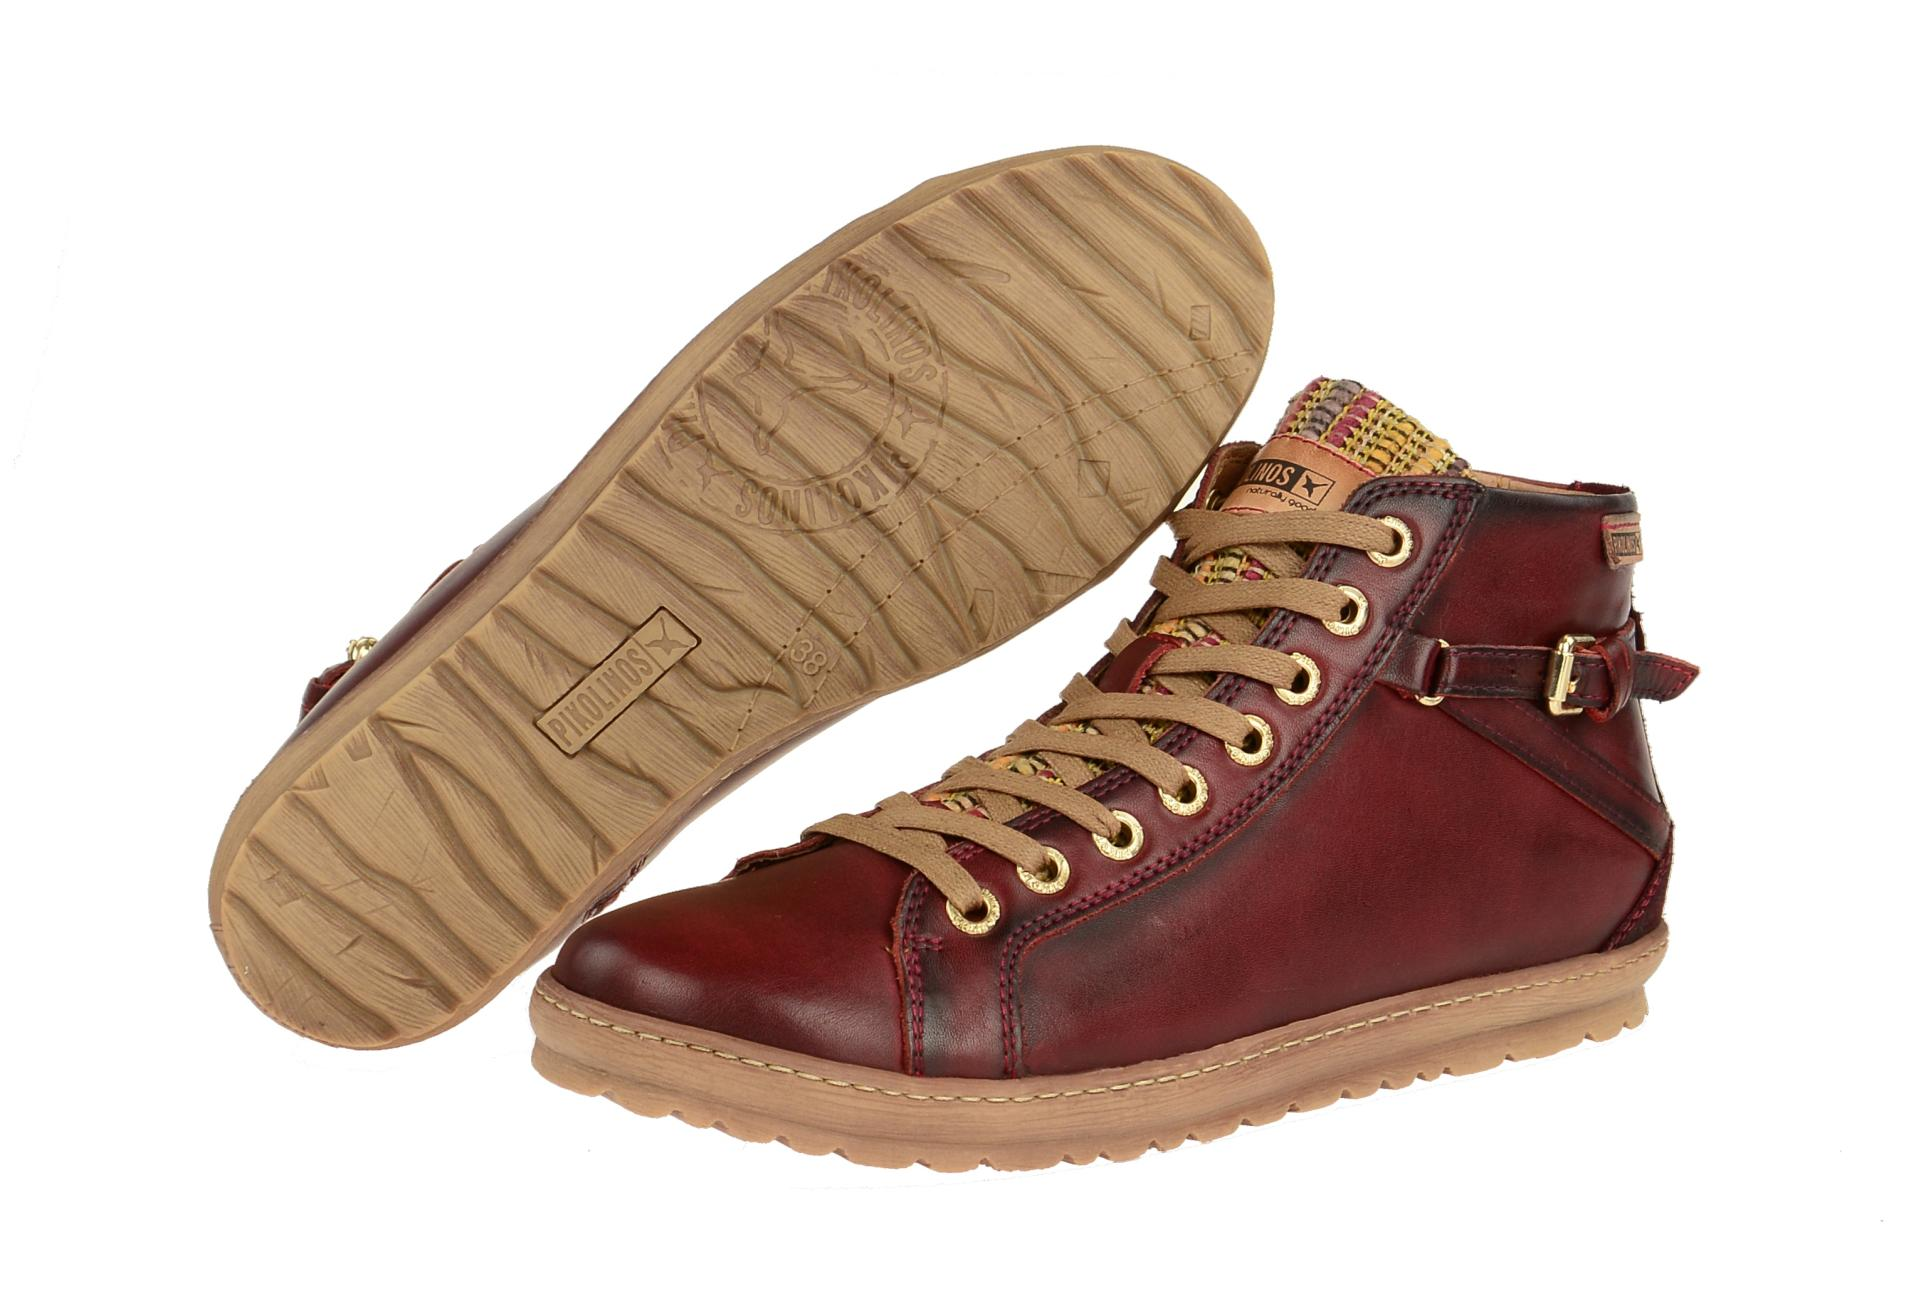 Details zu Pikolinos Schuhe LAGOS rot Damen Stiefeletten 901 7312 arcilla edf NEU